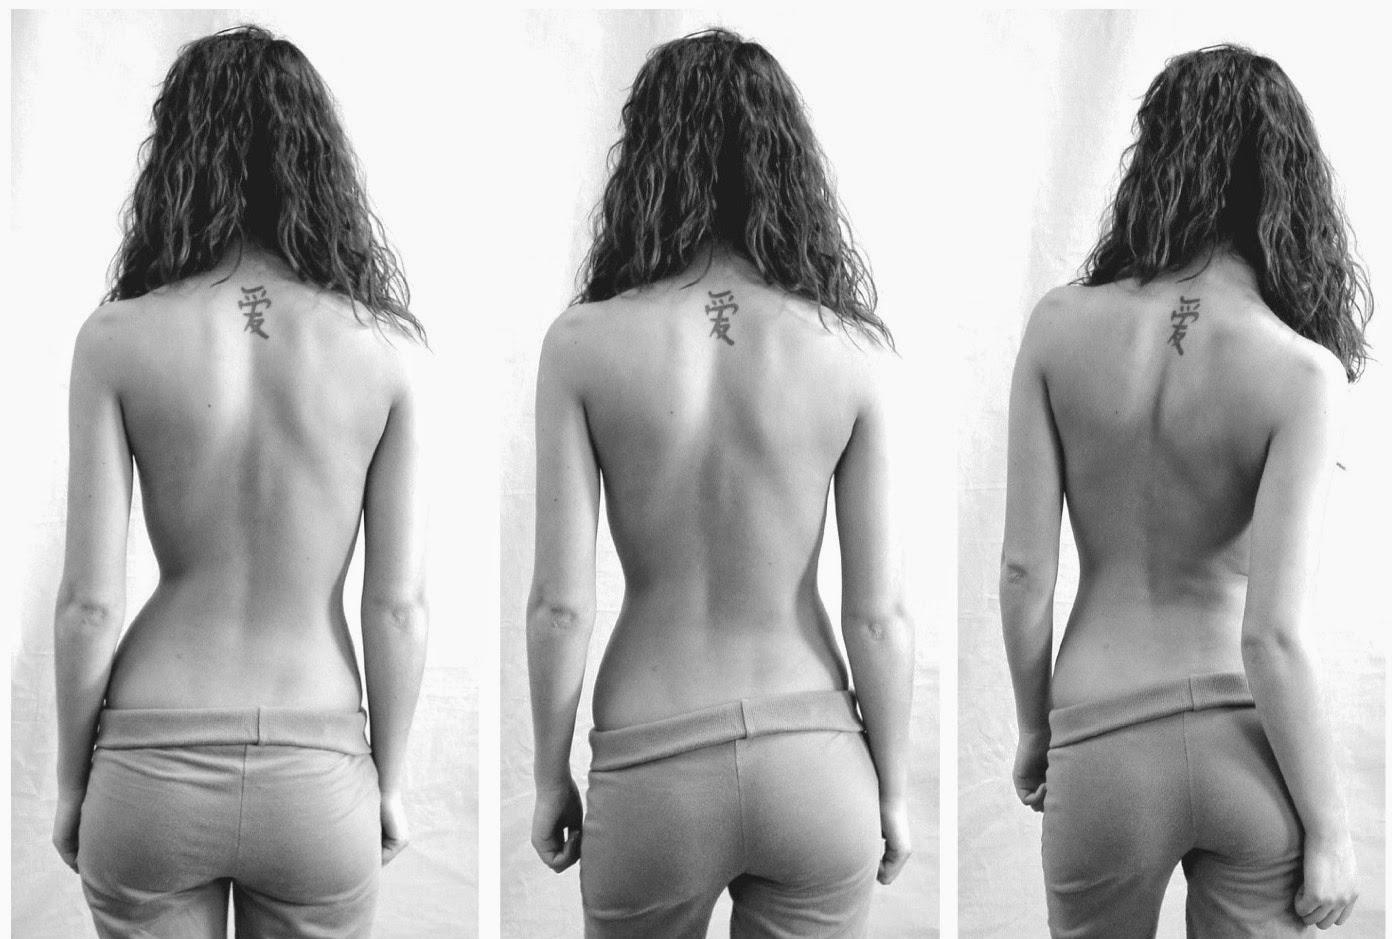 脊椎側彎, 脊椎側彎背架, 脊椎度數,脊椎側彎矯正, 脊椎側彎治療, schroth運動, schroth脊椎側彎, 德國Schroth, 施羅特運動, 脊椎側彎矯正運動